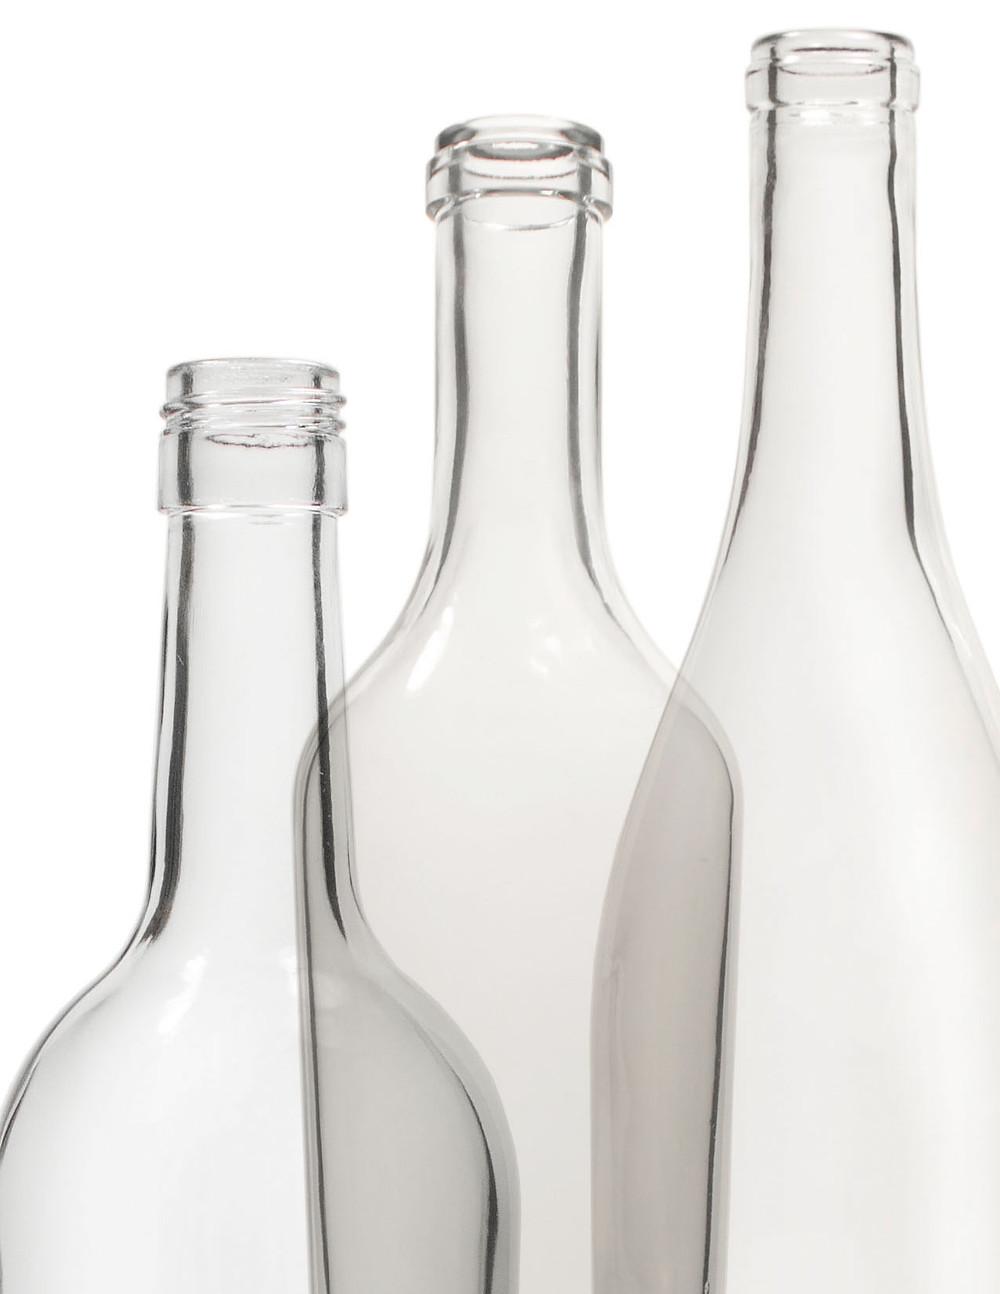 flint wine bottles